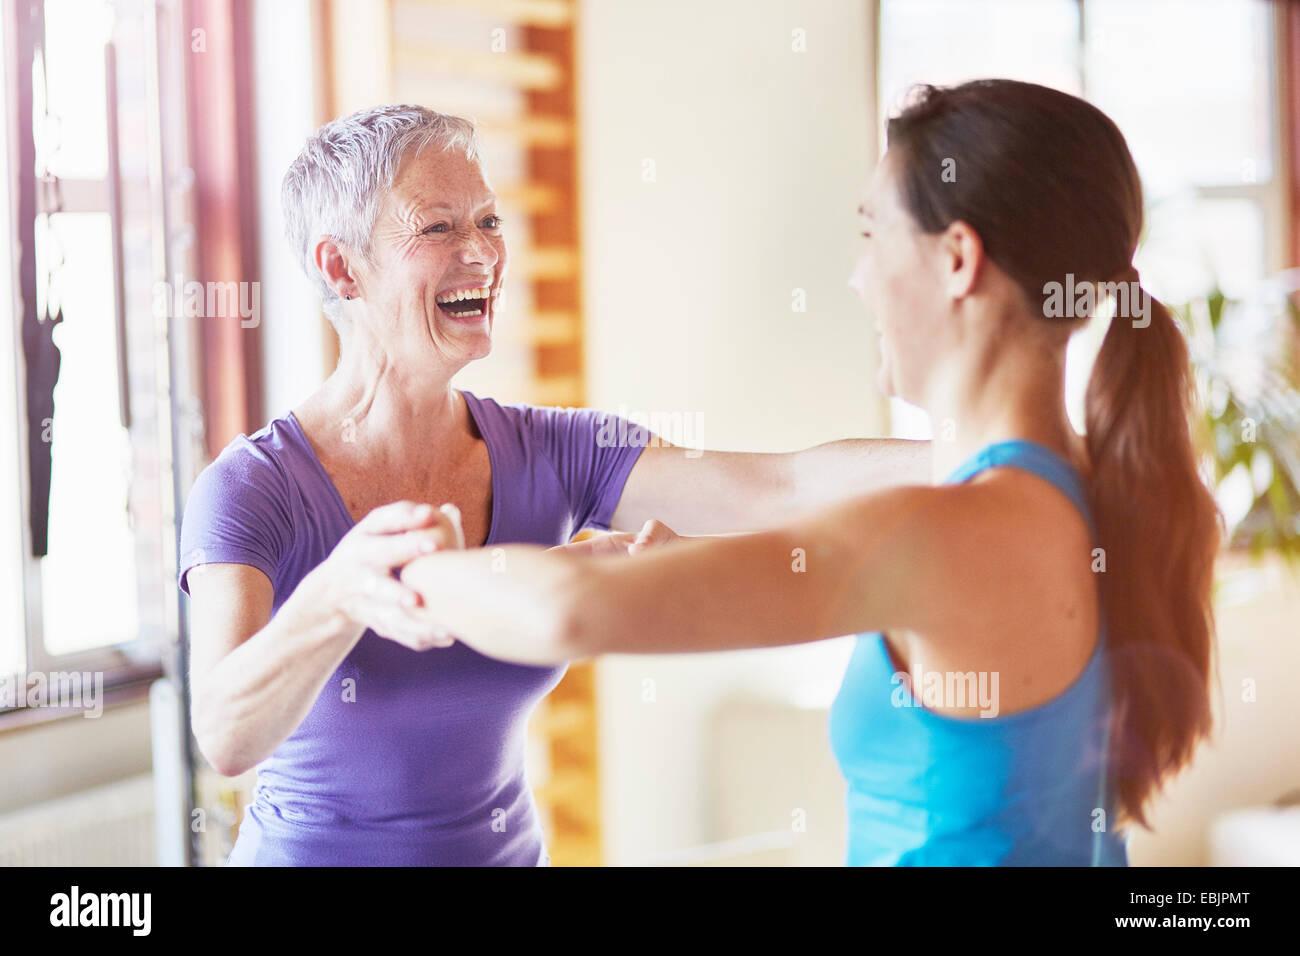 Joven estudiante riendo con profesor de pilates gimnasio Imagen De Stock